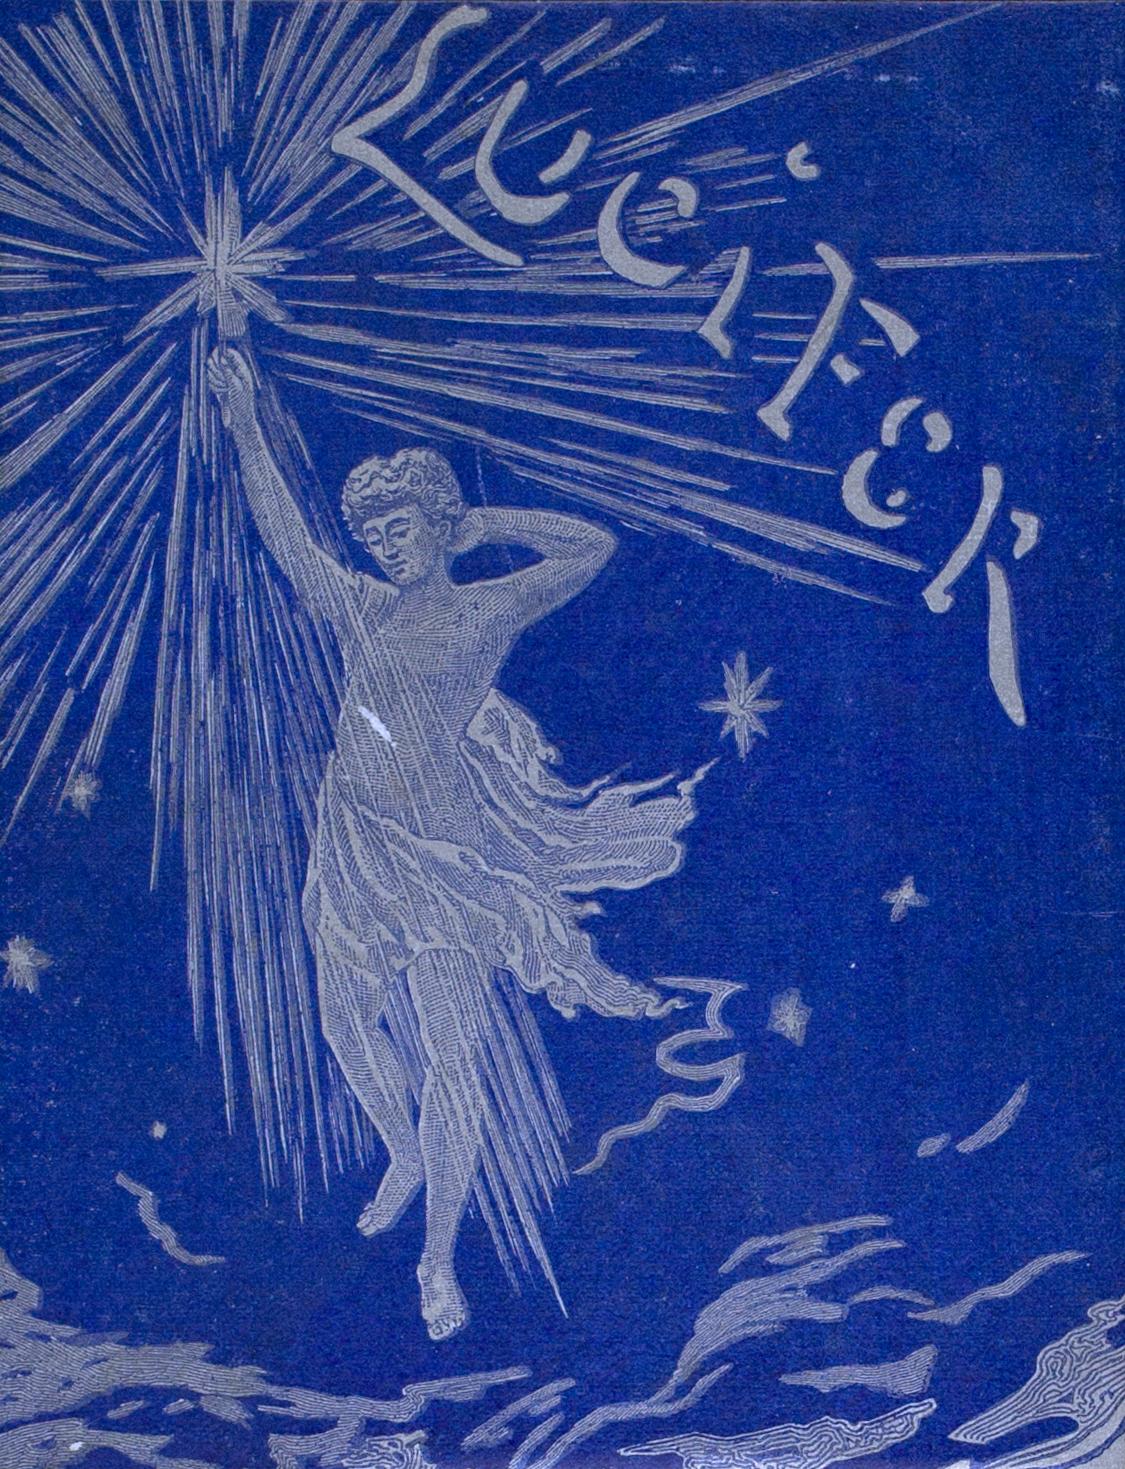 """Памятка, Е. П. Блаватская, """"Люцифер"""", октябрь, 1891г."""